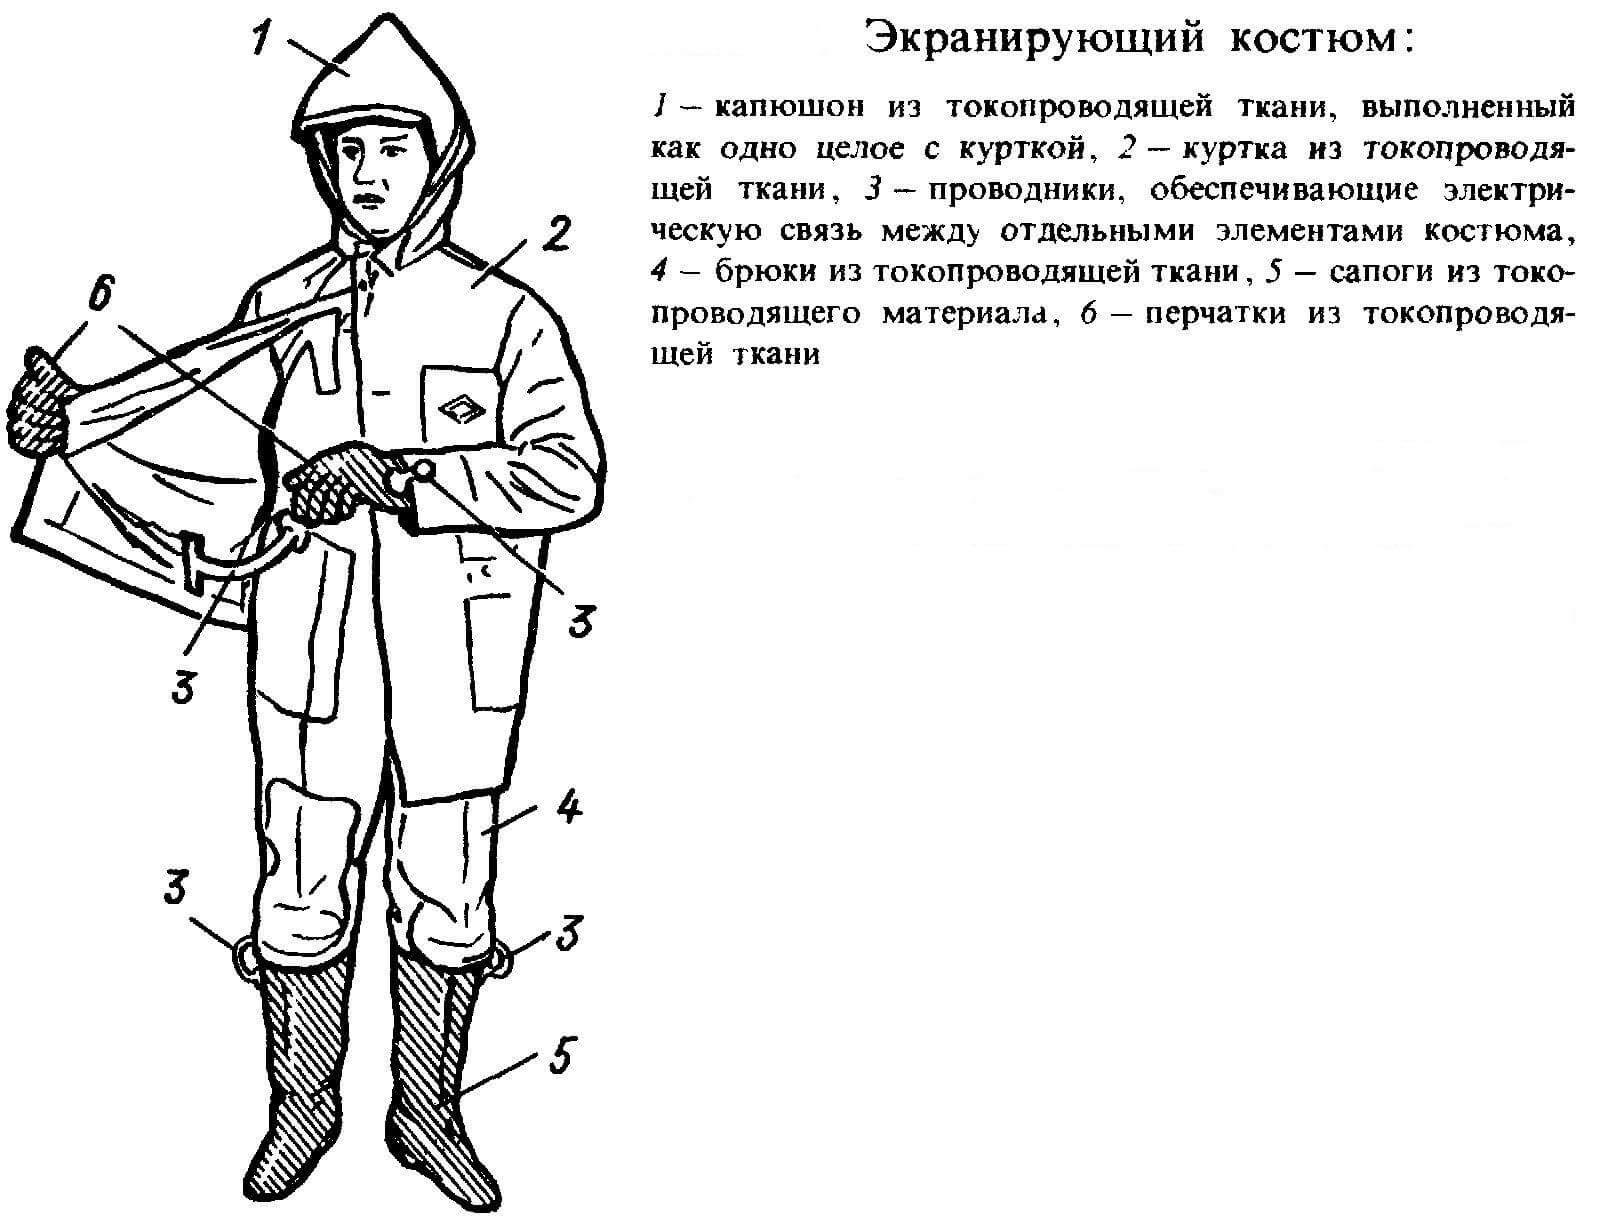 rabota pod napryazheniem 2 Меры защиты при выполнении работ под напряжением Фото